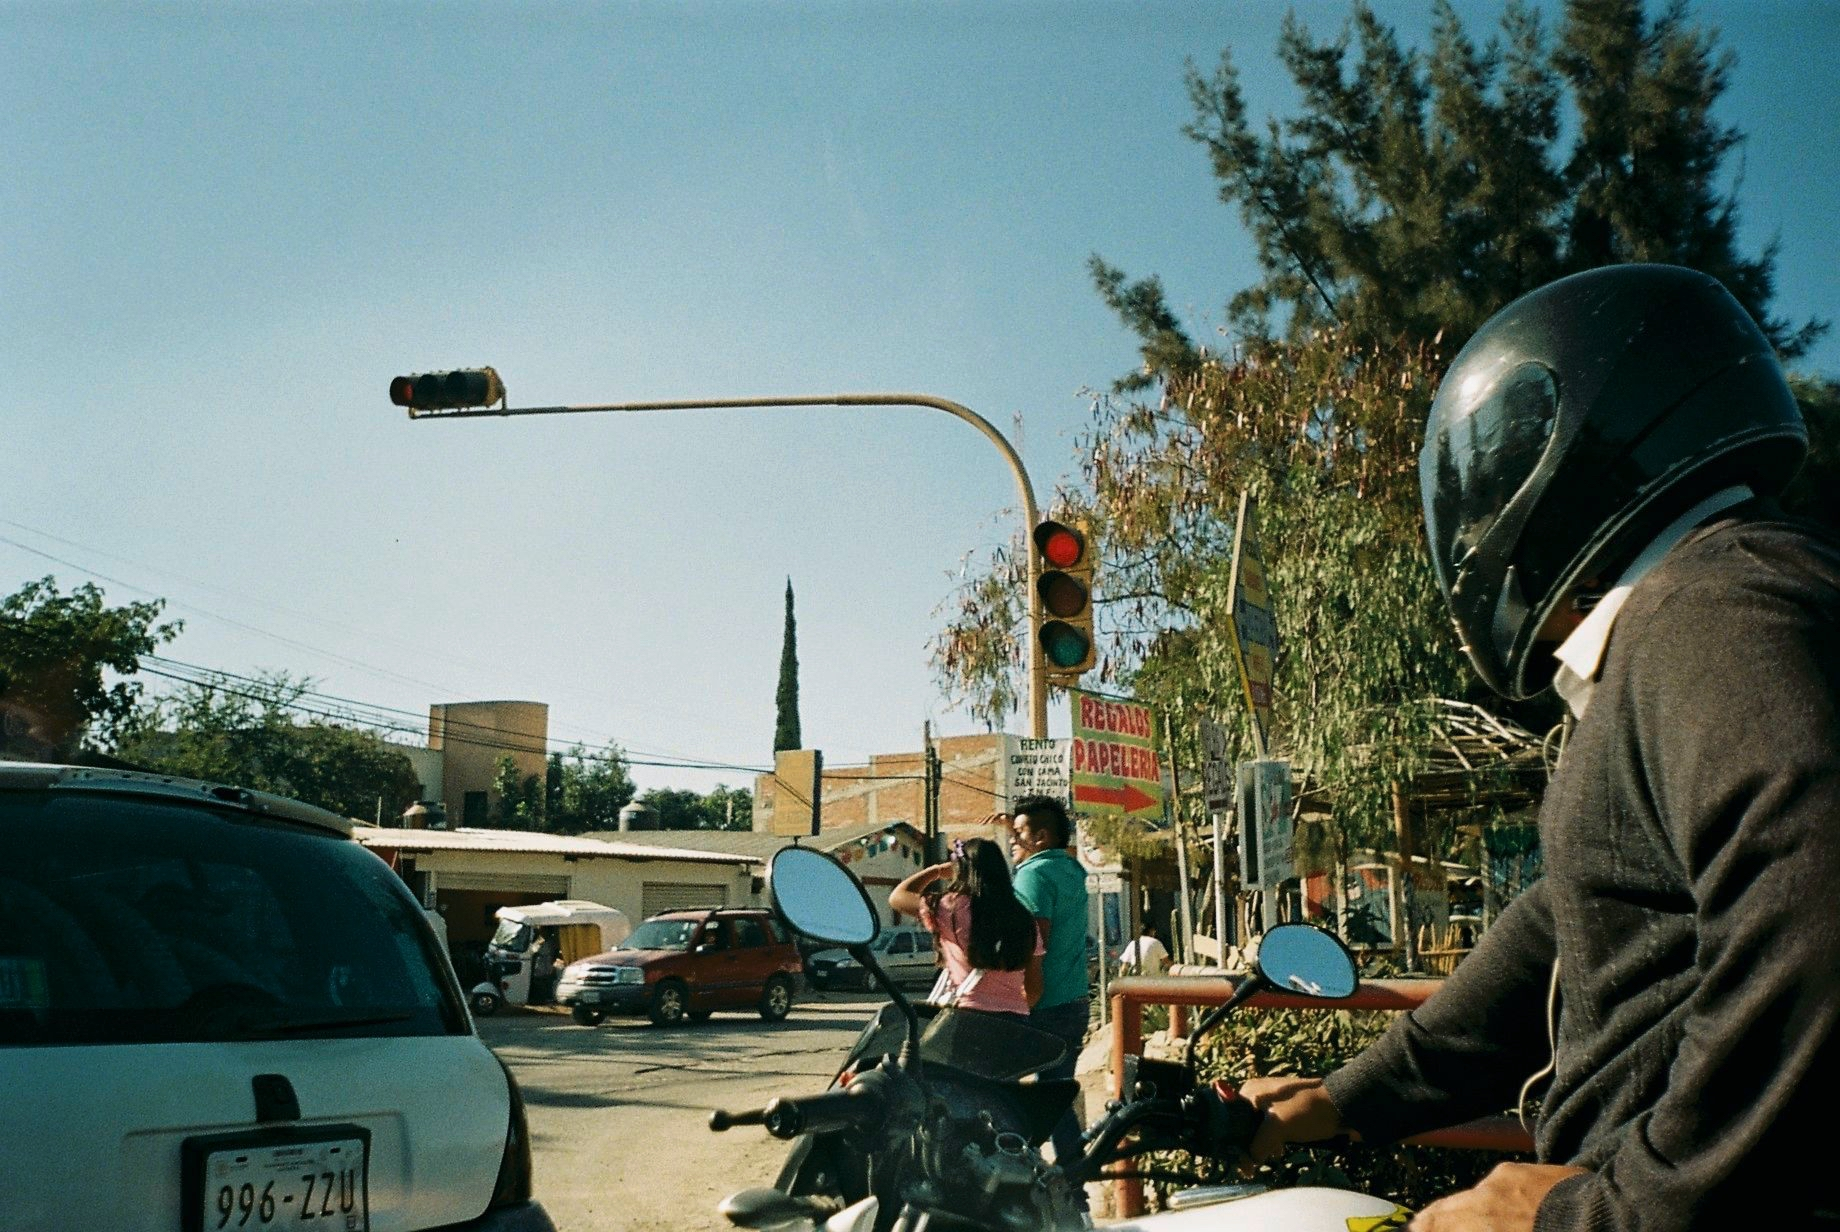 Oaxaca 01-2020 - 27 of 37